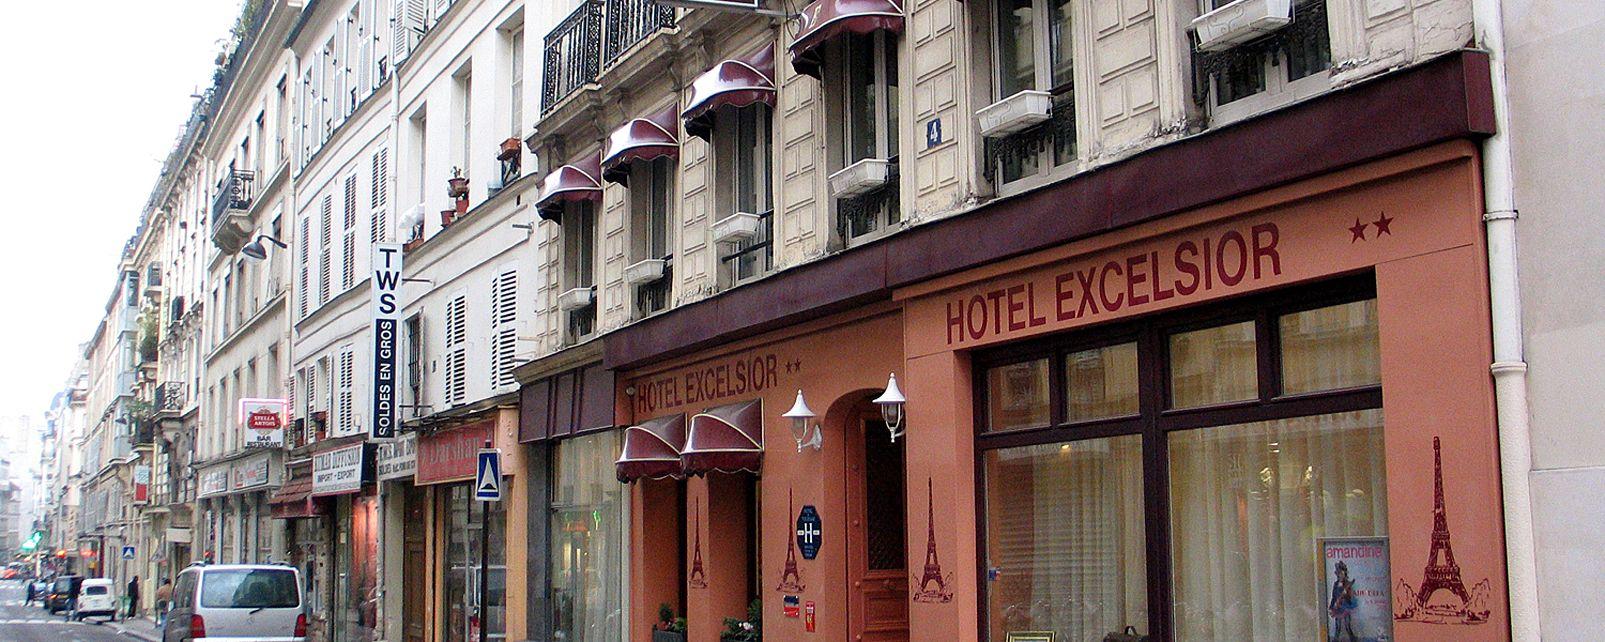 Hôtel Excelsior Republique